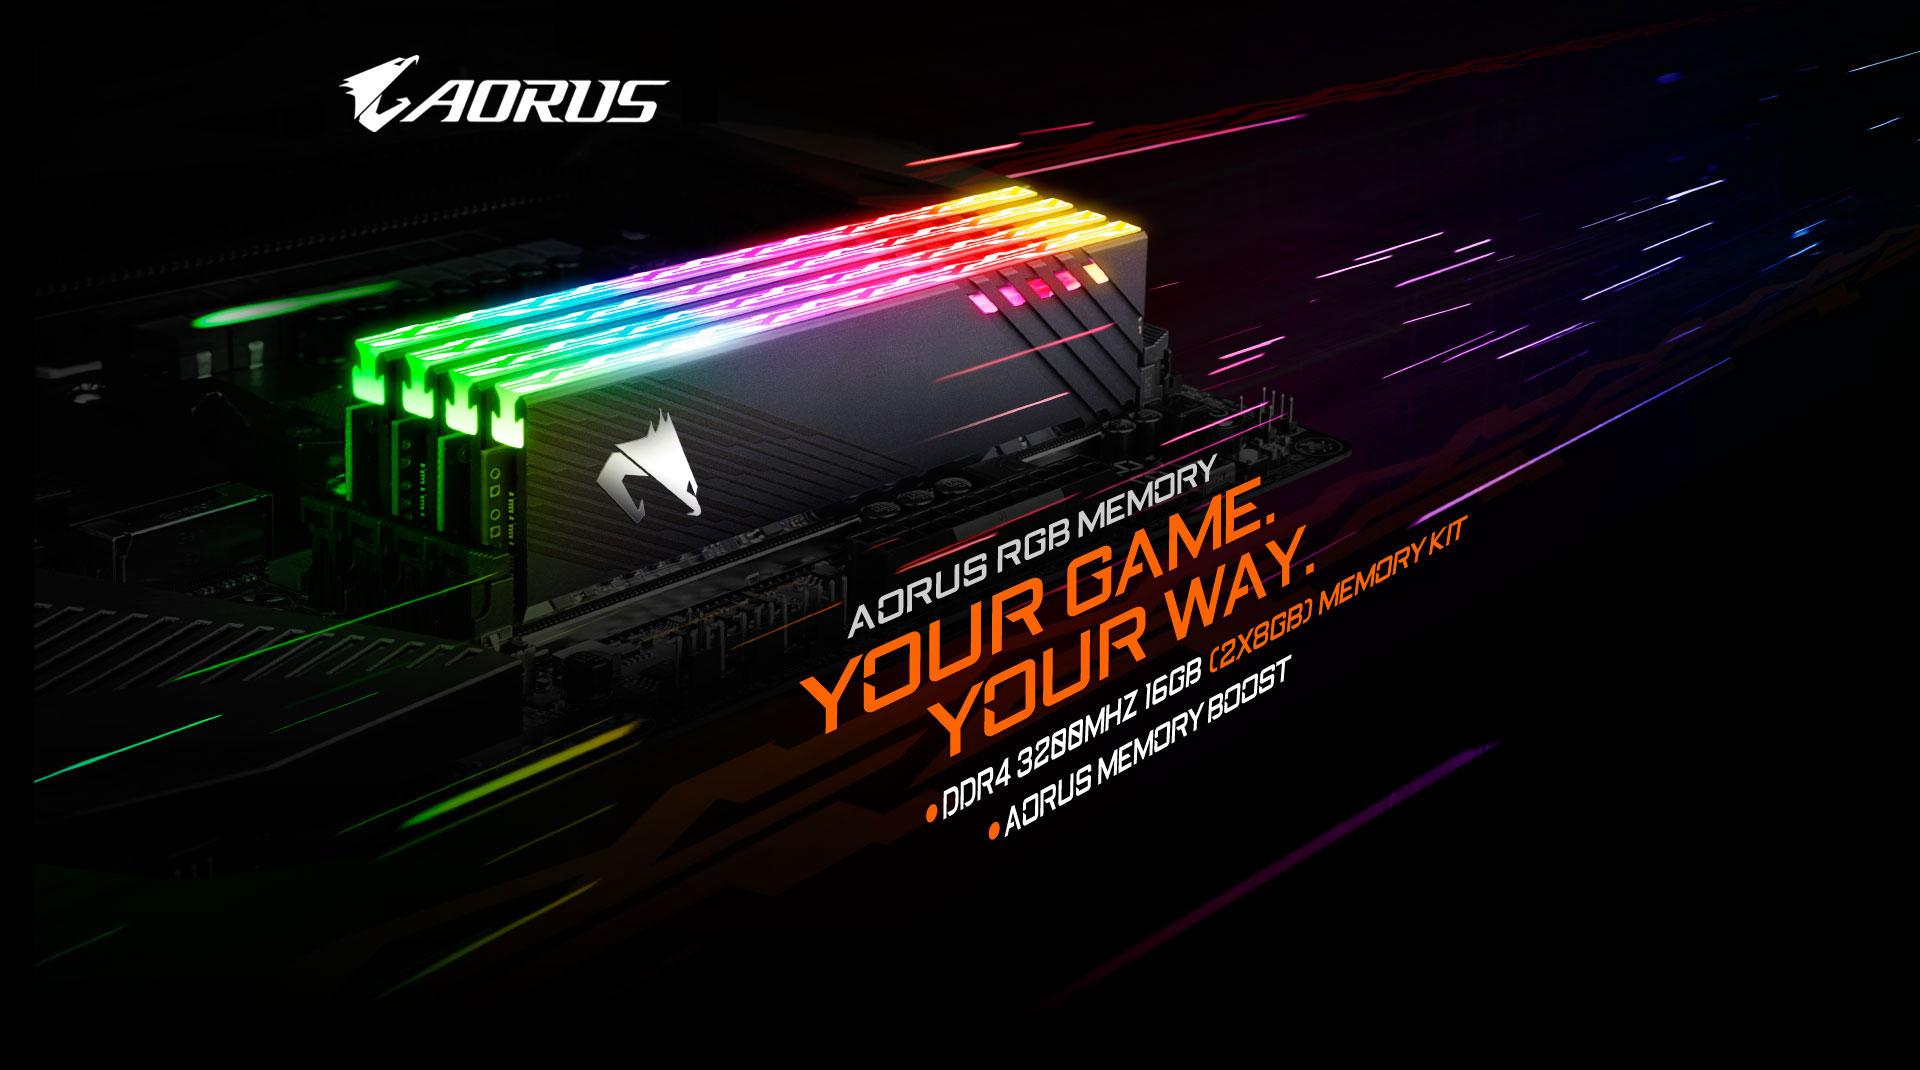 Gigabyte AORUS RGB Memory 16GB (2x8GB) 3200MHz - GP-ARS16G32 5